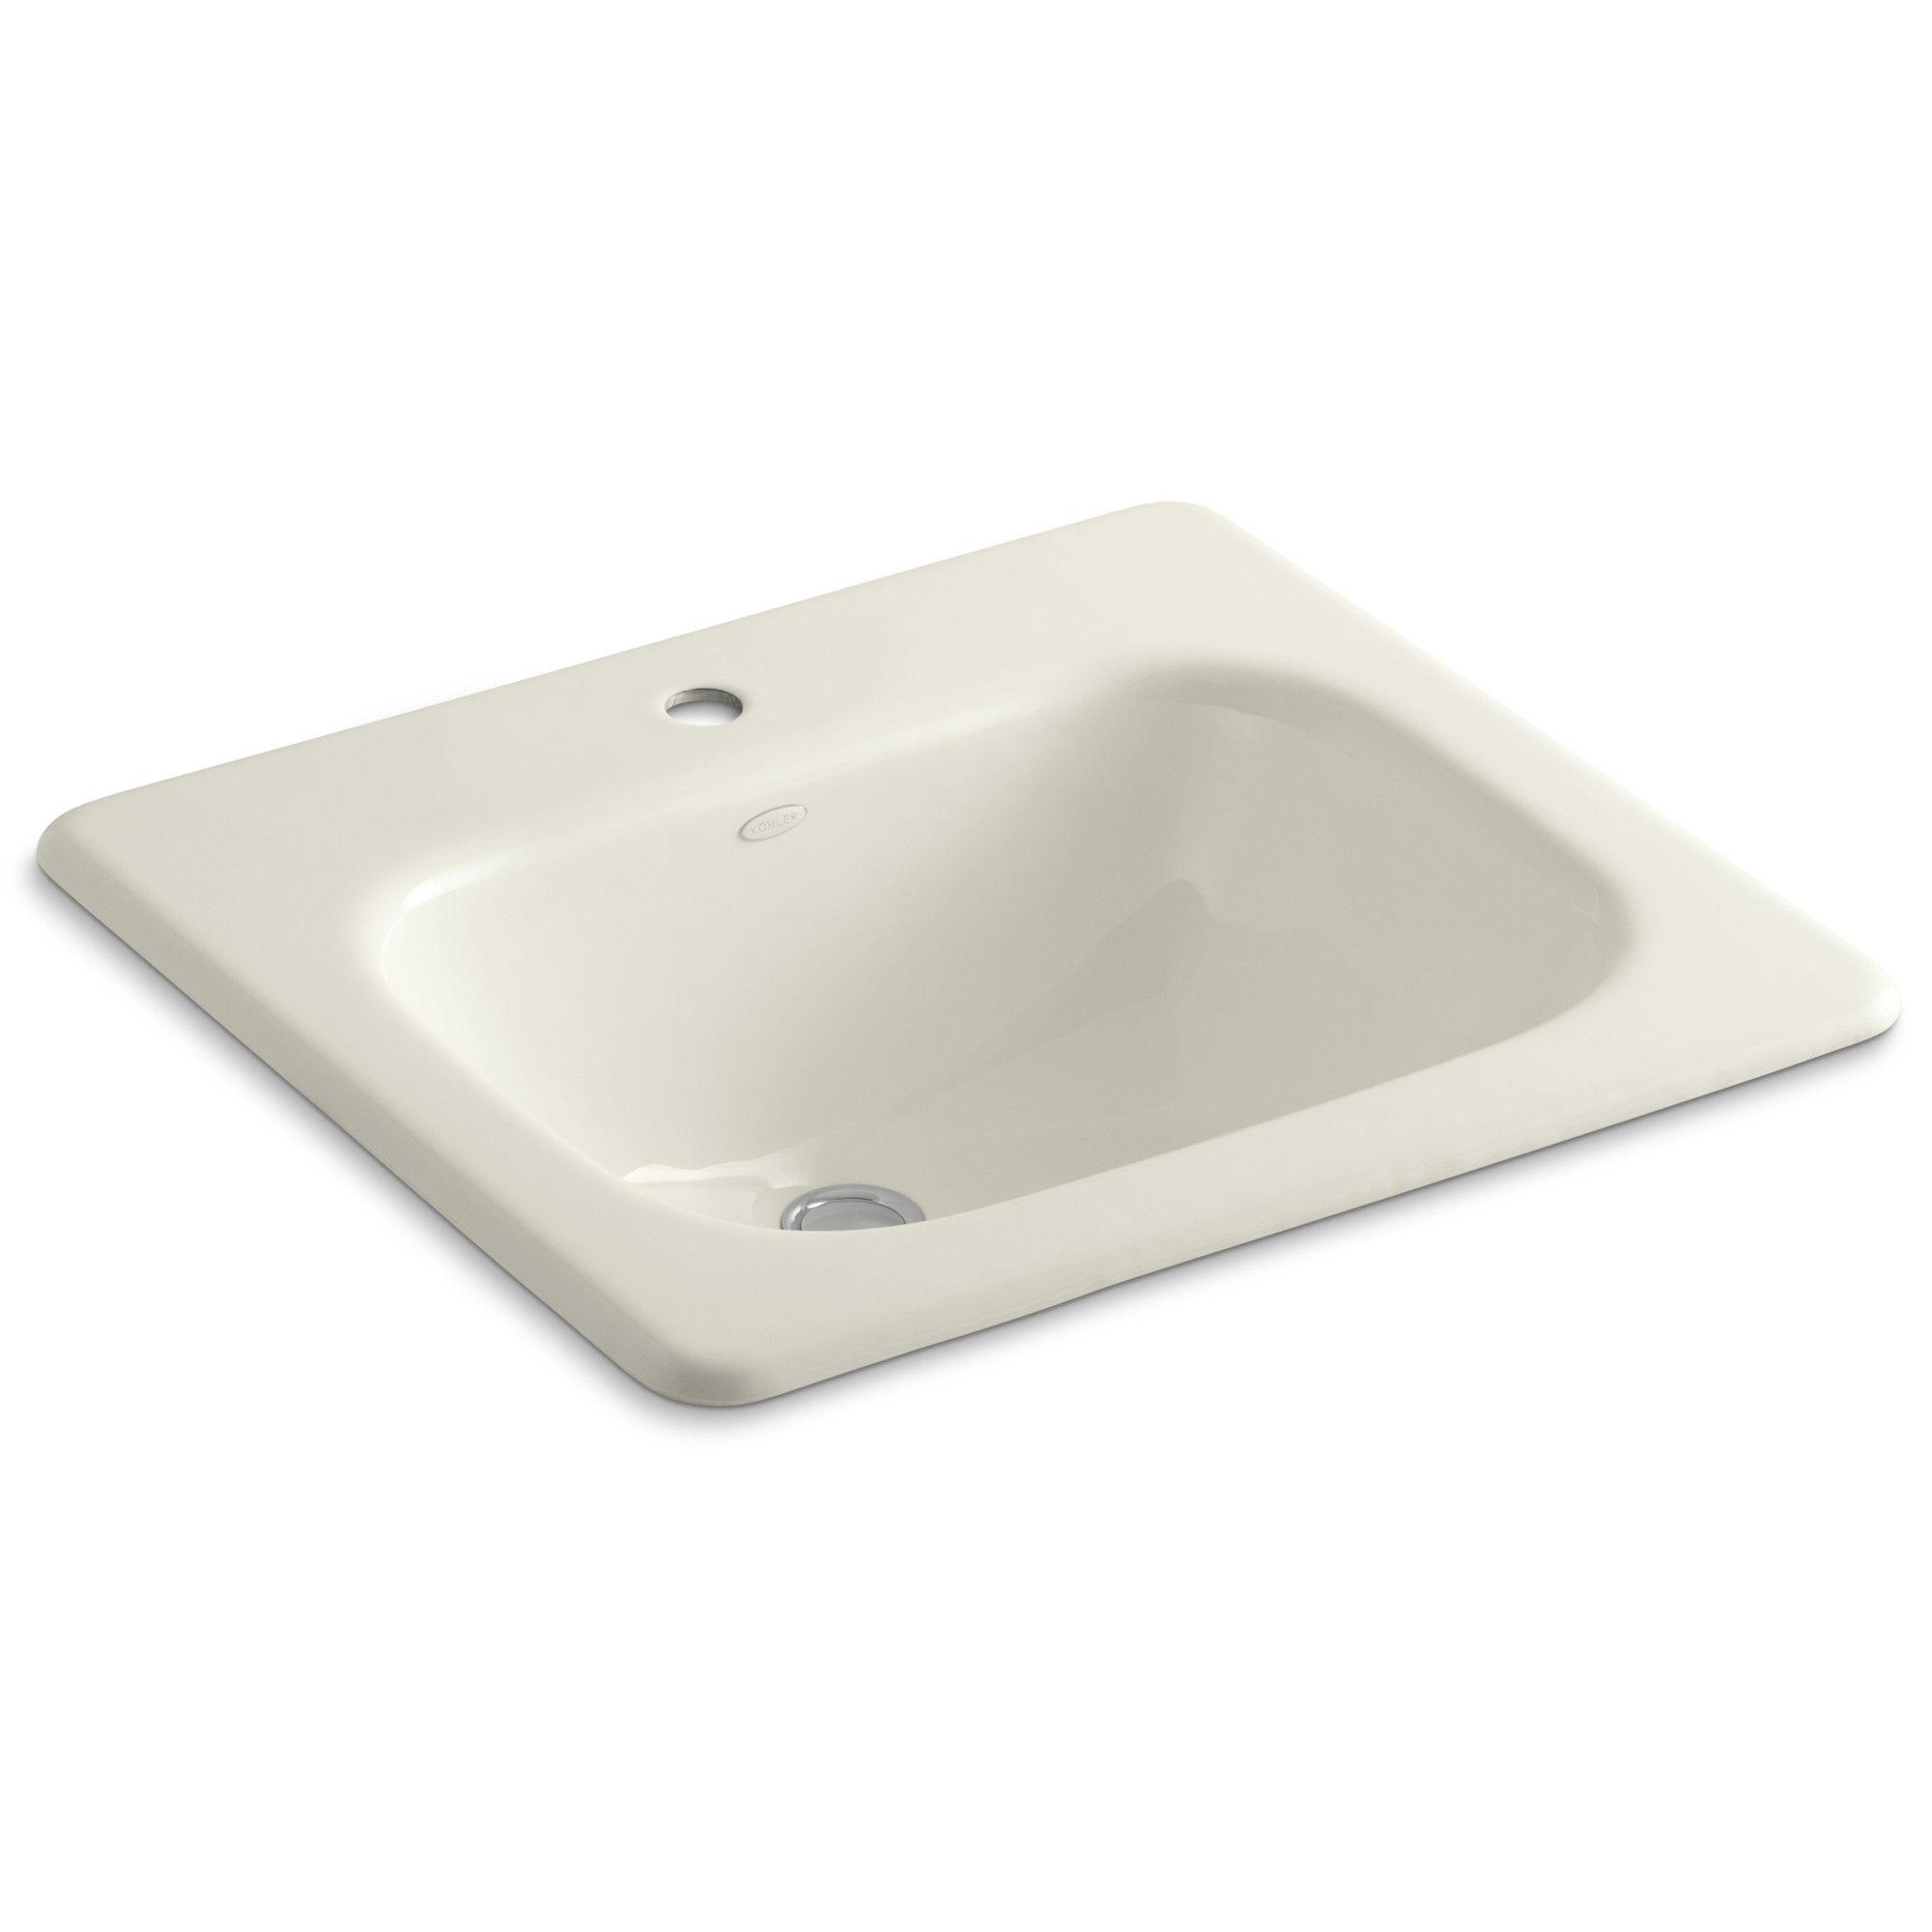 Tahoe Metal Rectangular Drop-In Bathroom Sink with Overflow ...